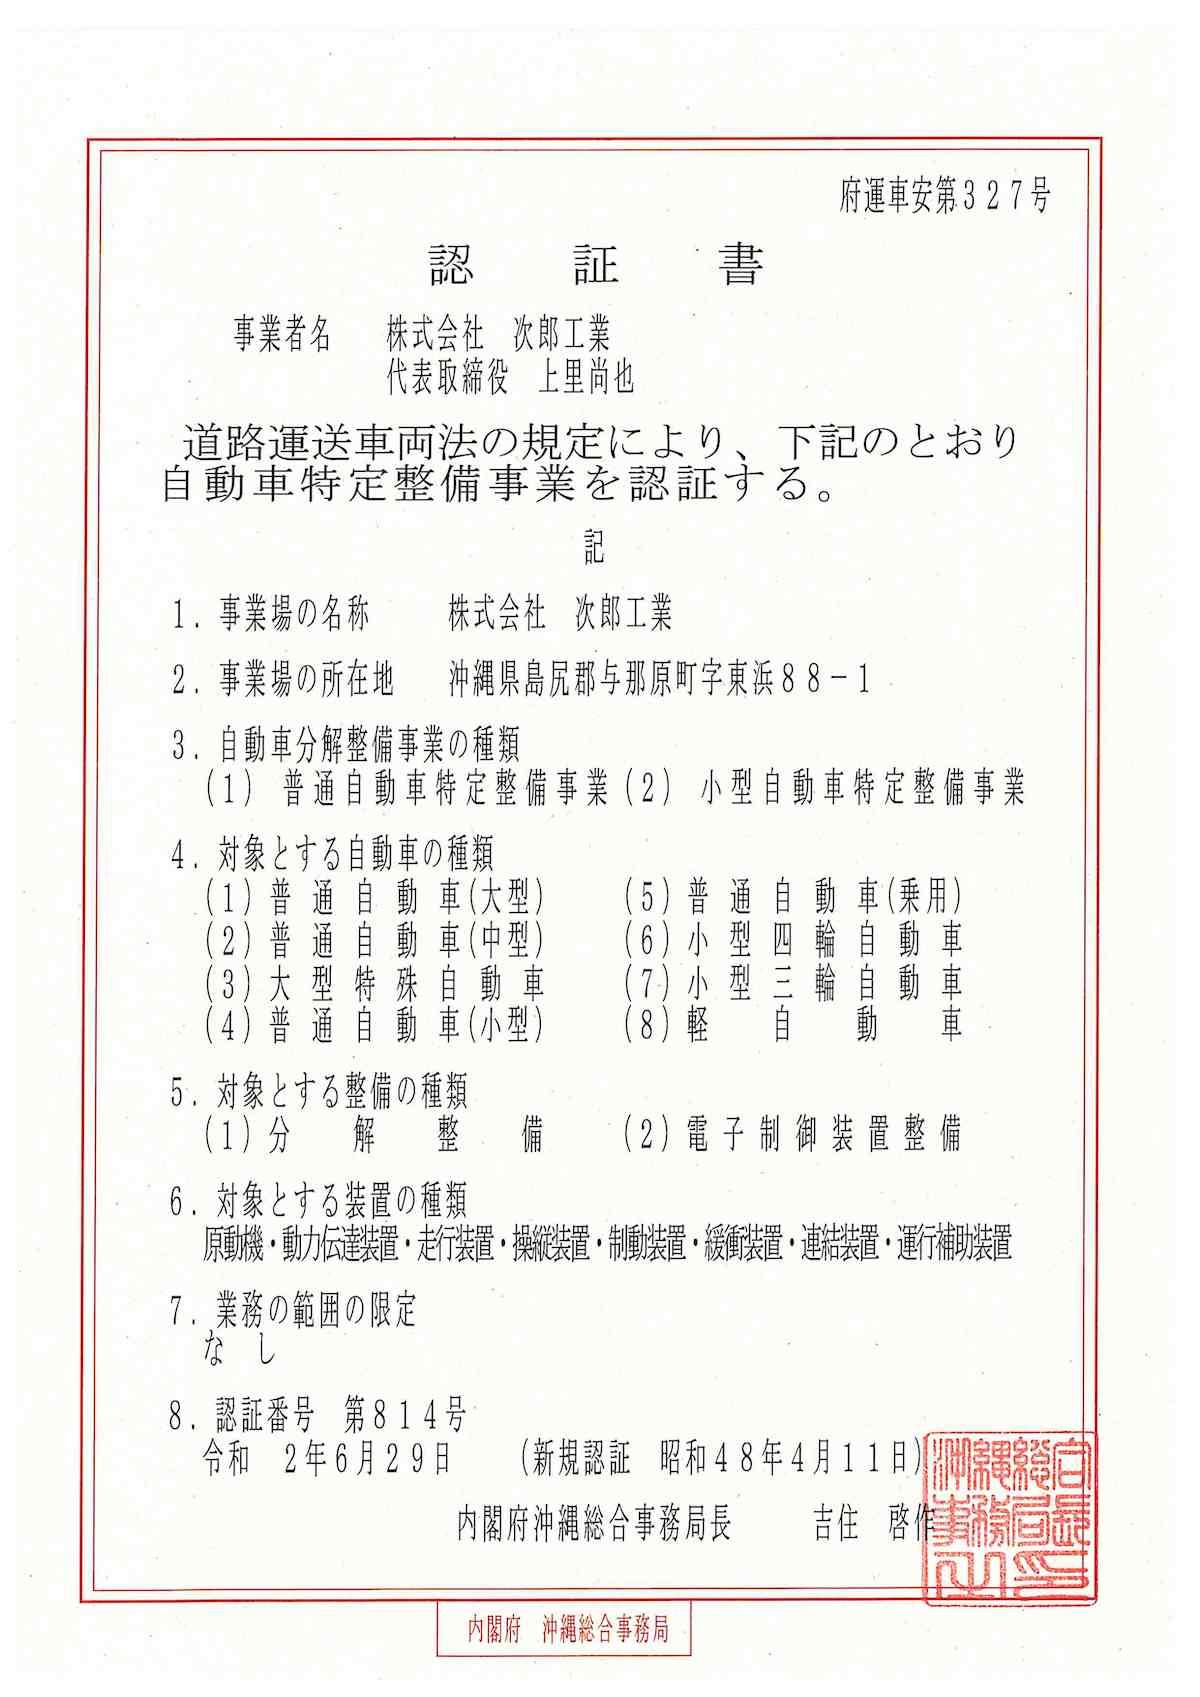 自動車特定整備事業,認定書,沖縄県内第一号